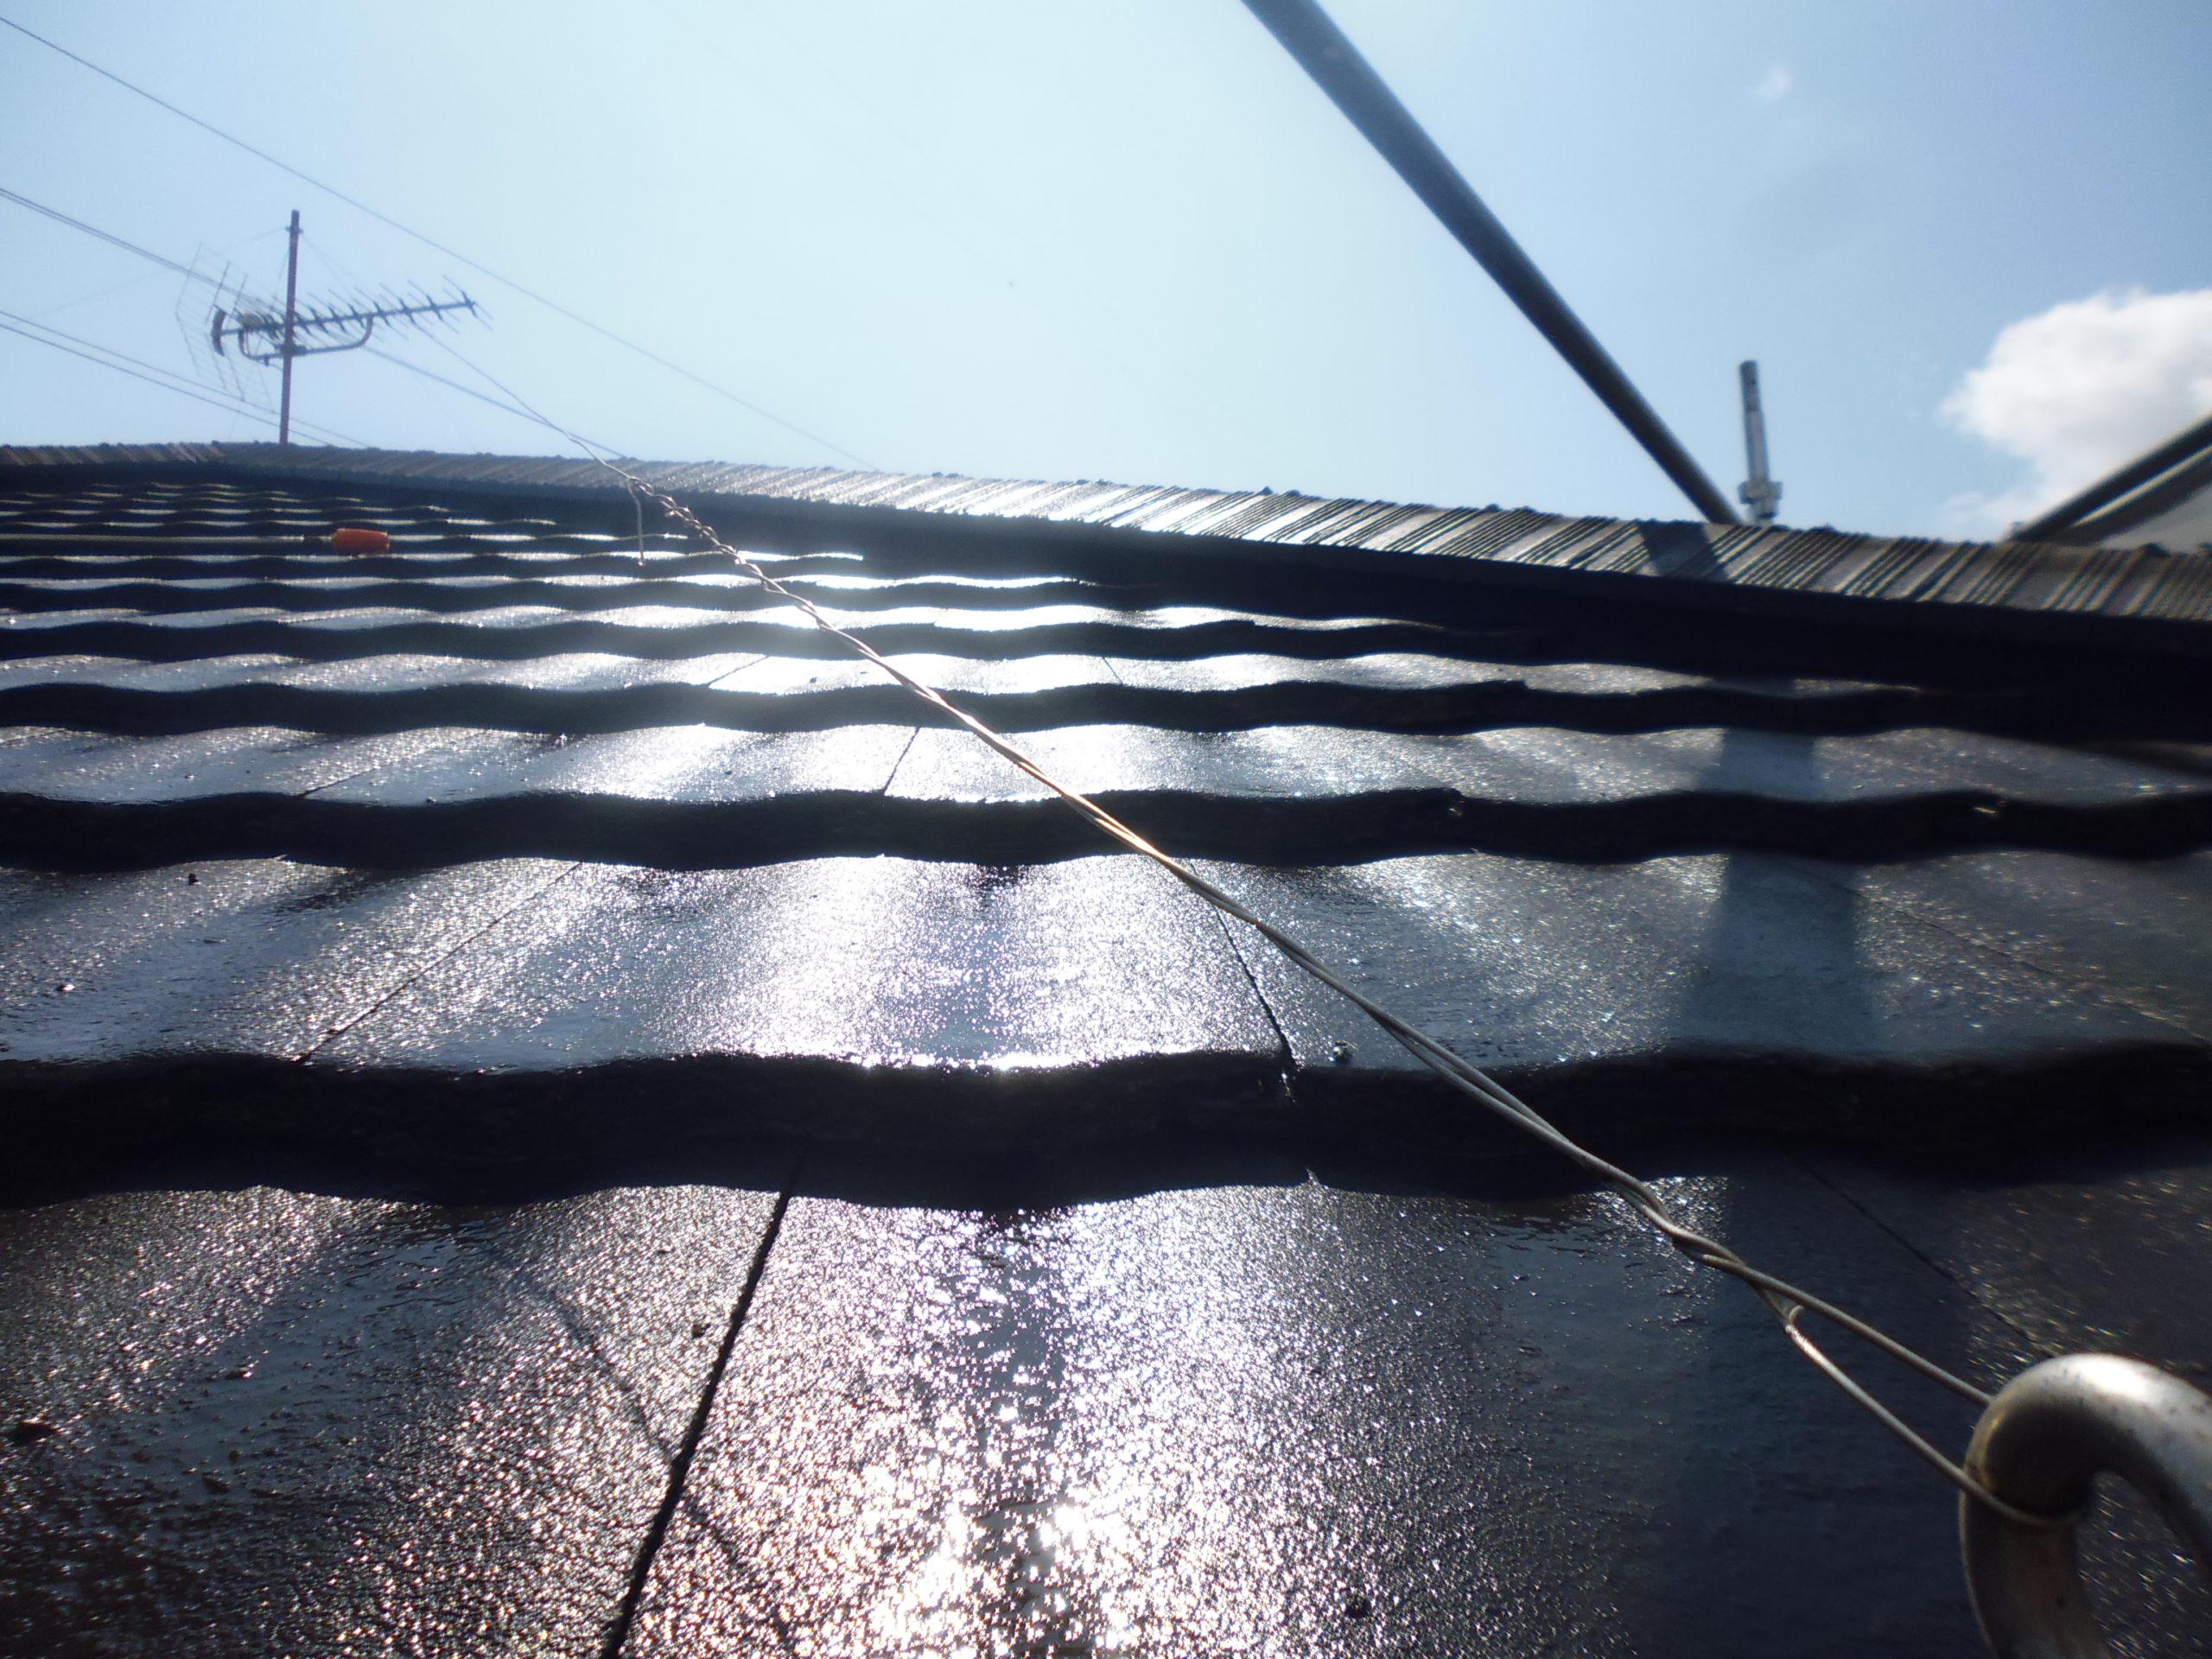 阿見町H様邸 屋根塗装工事part2page-visual 阿見町H様邸 屋根塗装工事part2ビジュアル